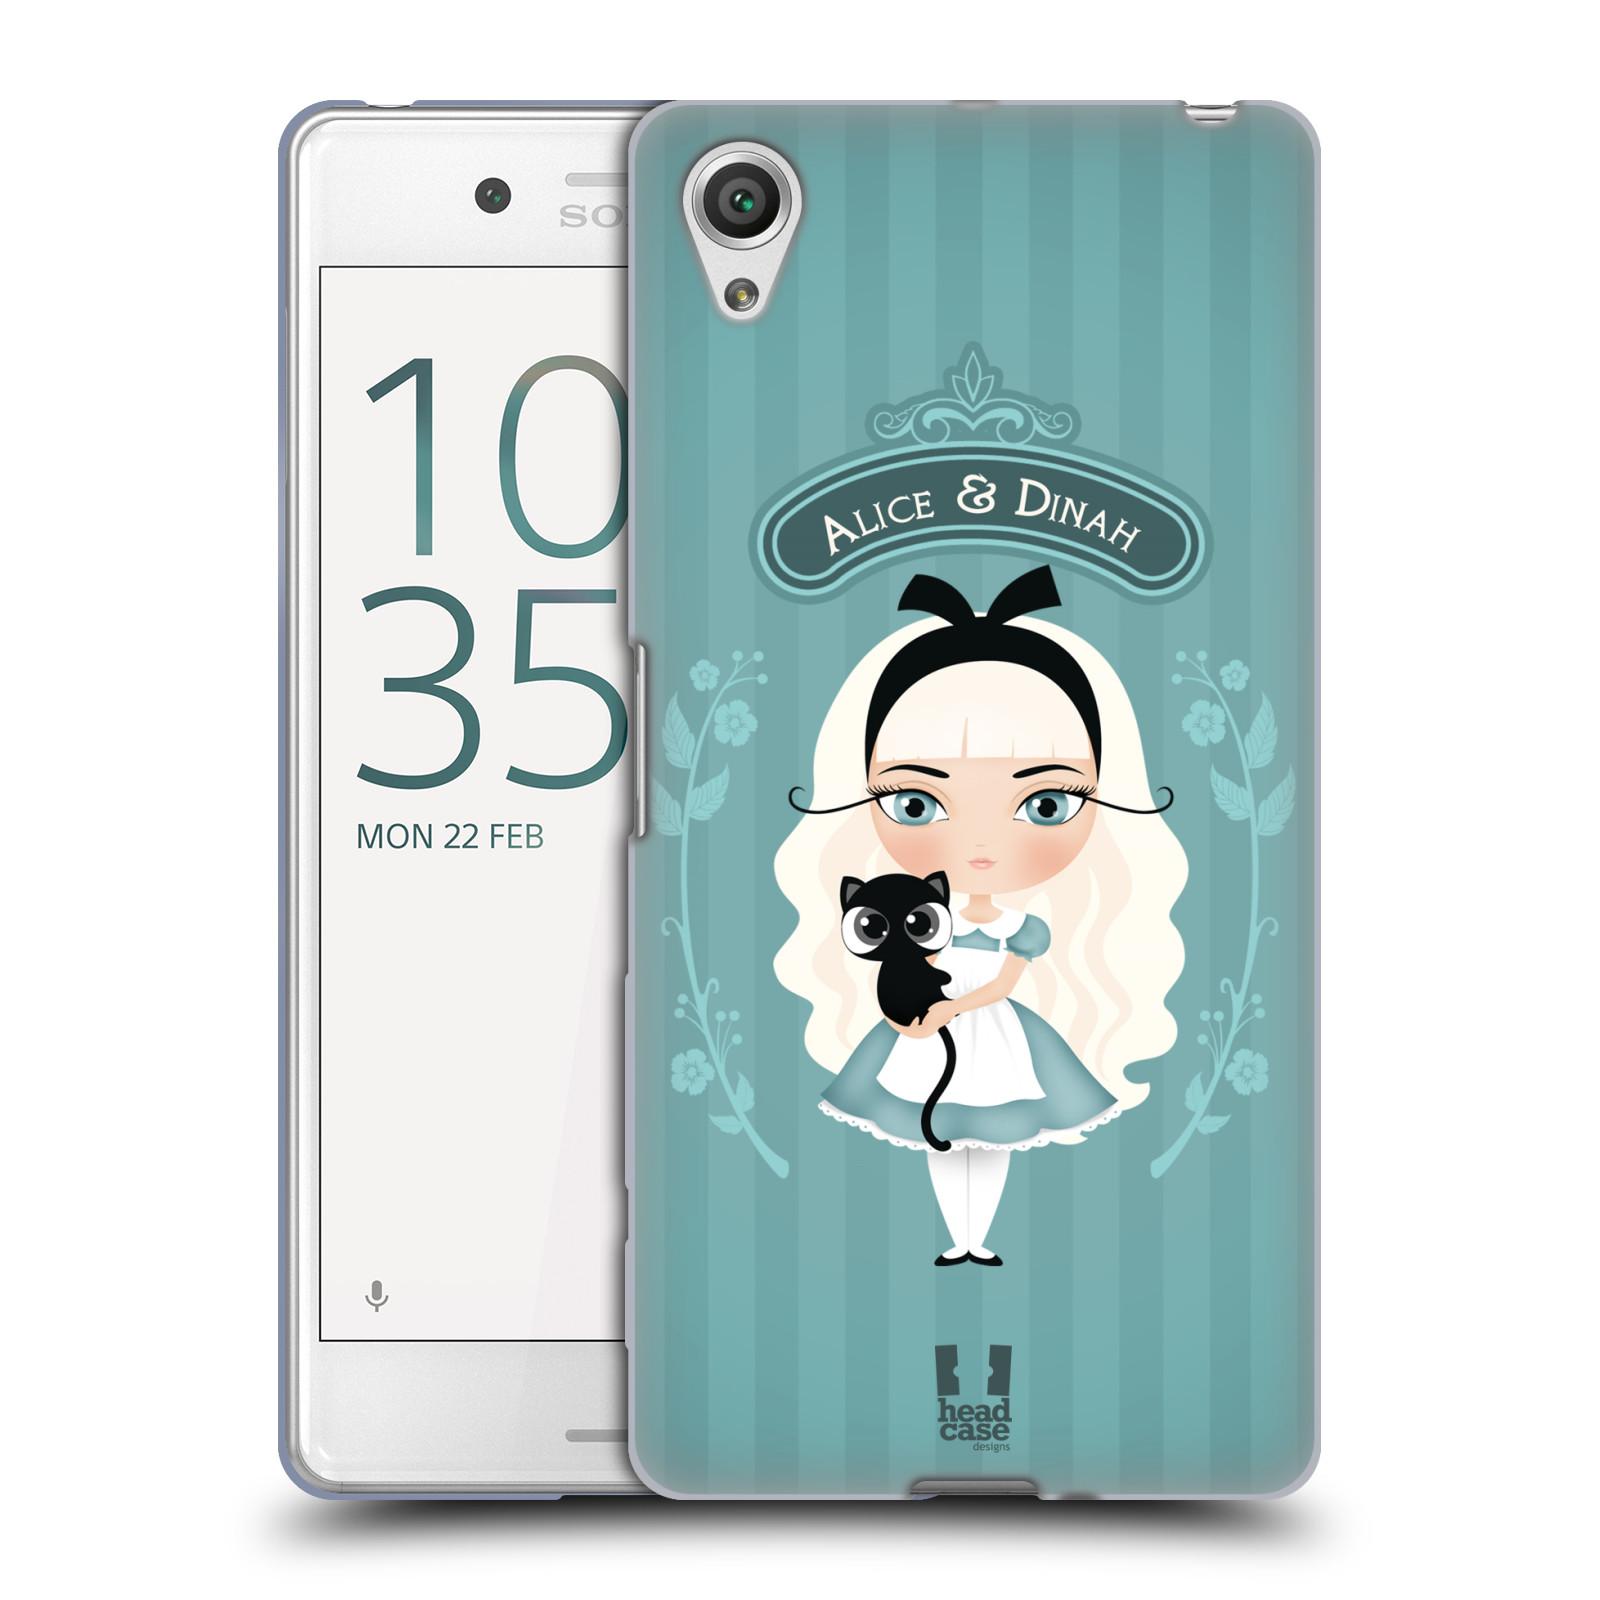 HEAD CASE silikonový obal na mobil Sony Xperia X PERFORMANCE (F8131, F8132) vzor Alenka v říši divů Alenka